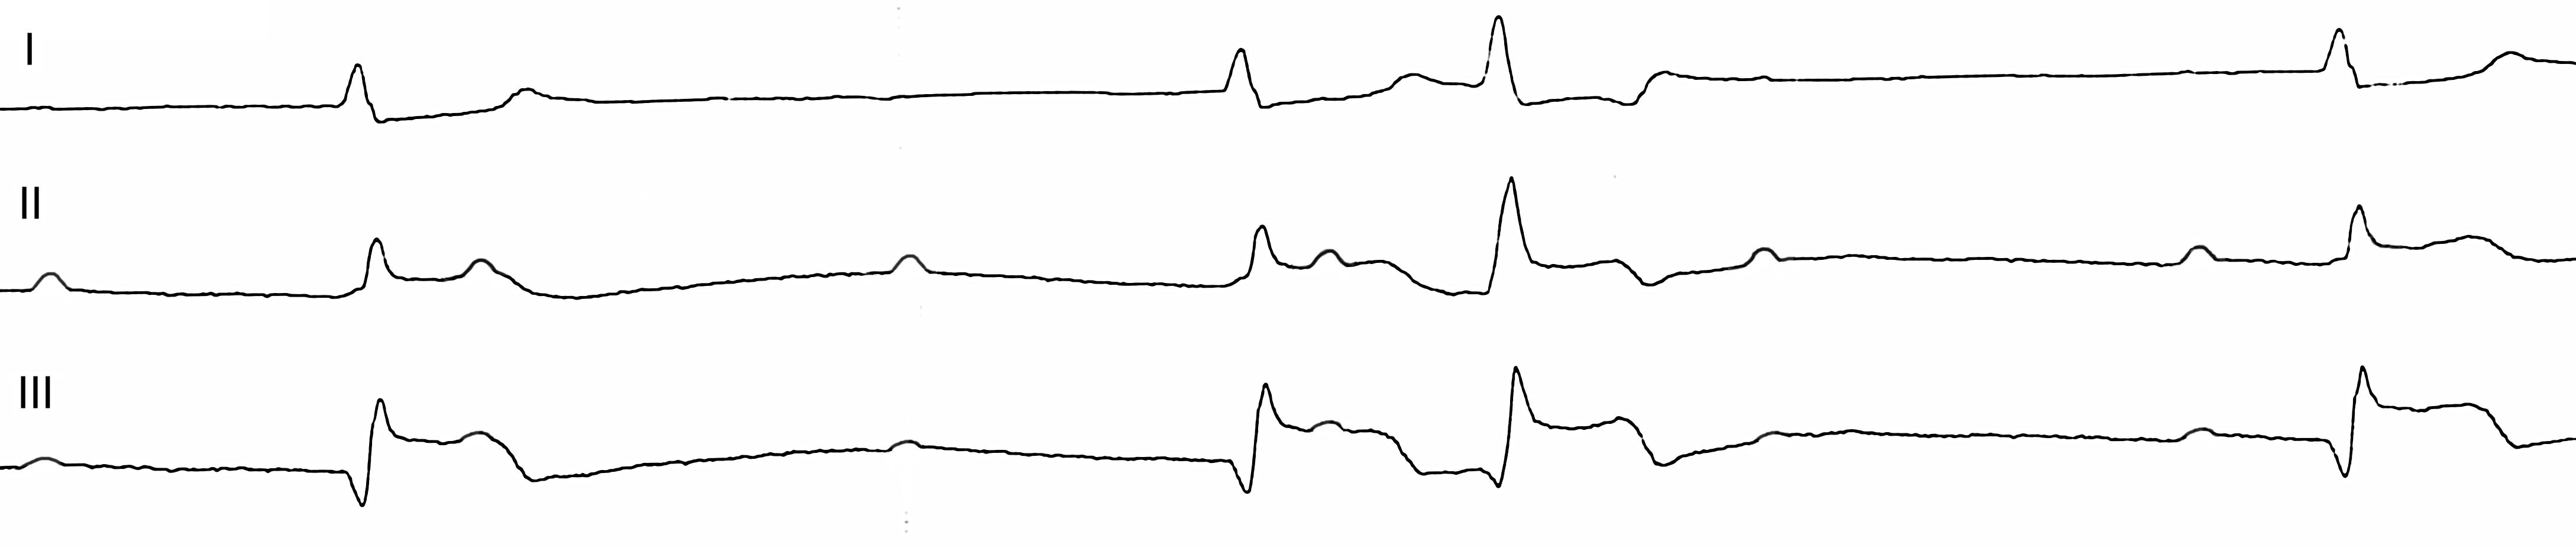 примеры экг с инфарктом миокарда